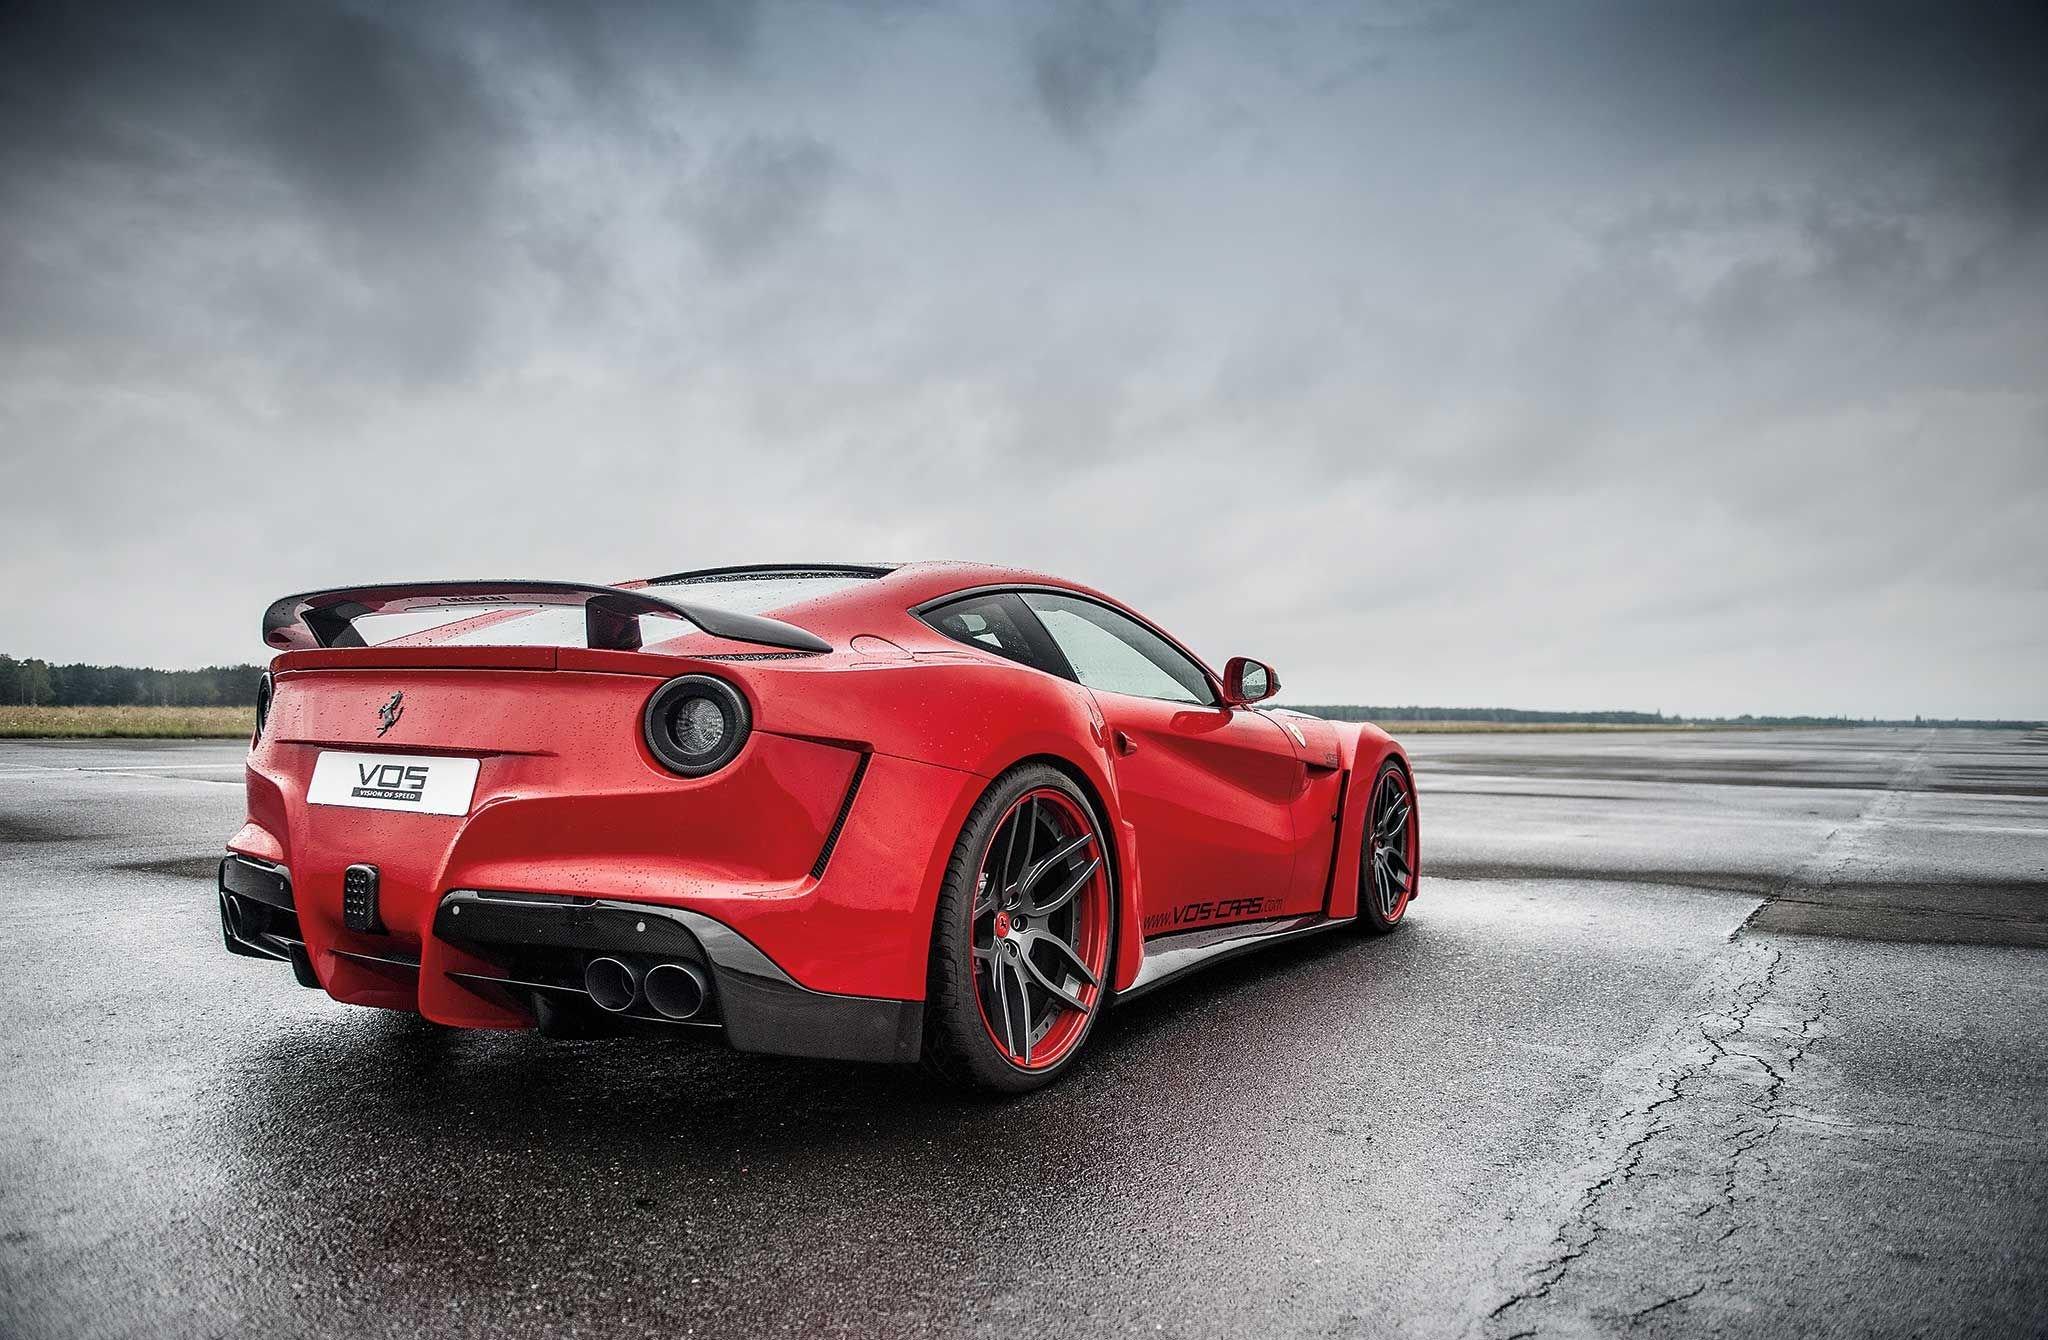 Novitec N Largo Ferrari F12 berlinetta bodykit tuning 2015 2048x1340